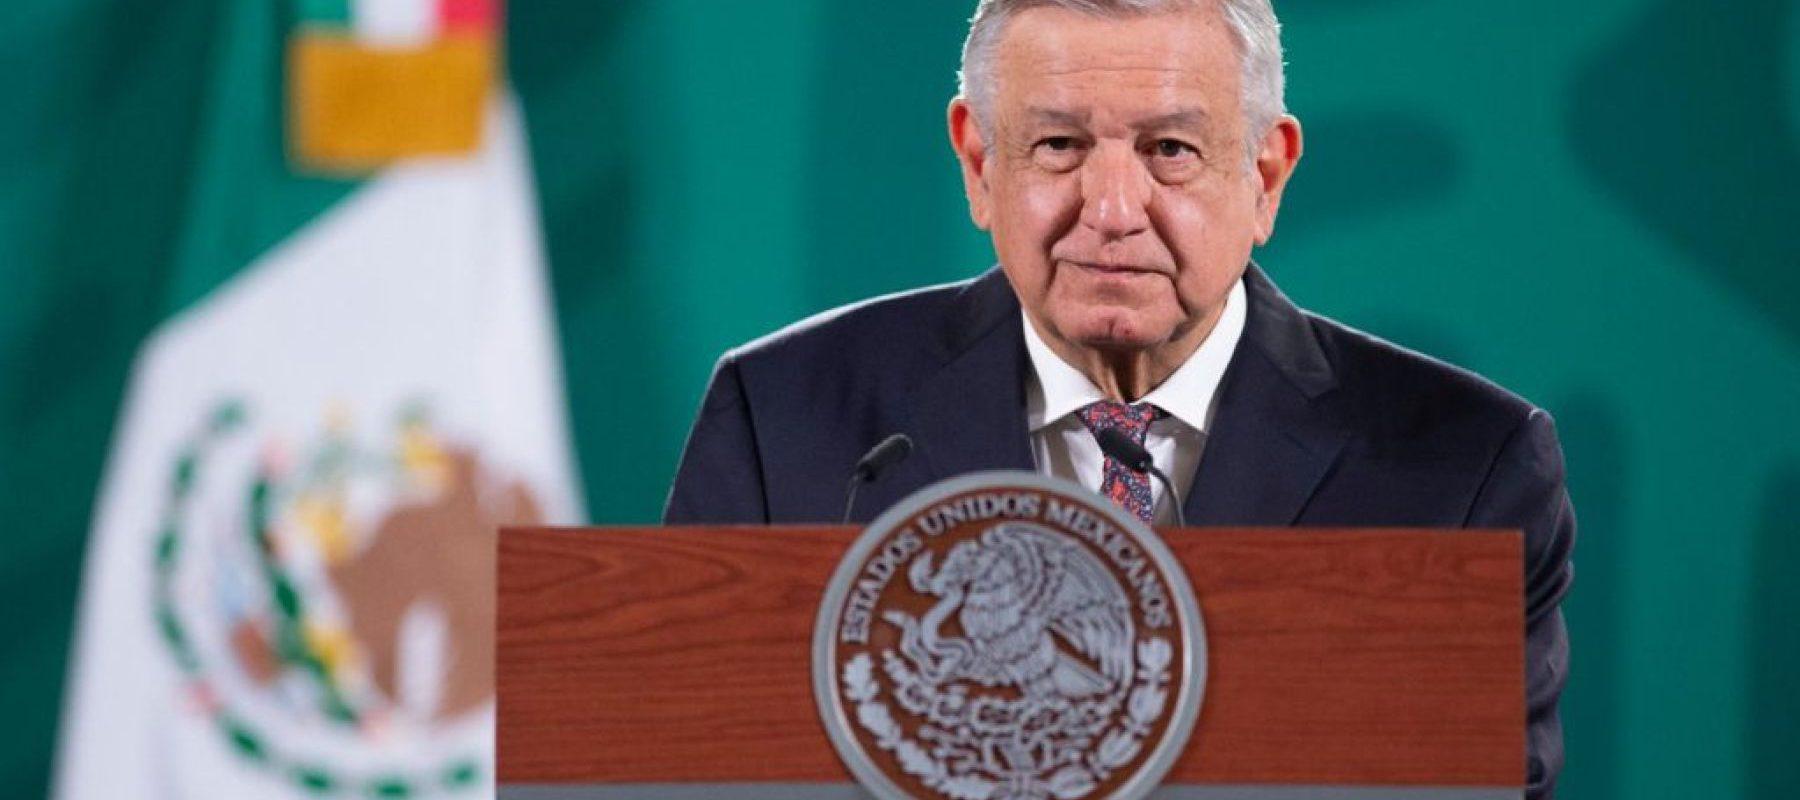 El Presidente de México, puede elegir al sucesor del gobernador de Banxico: Díaz de León